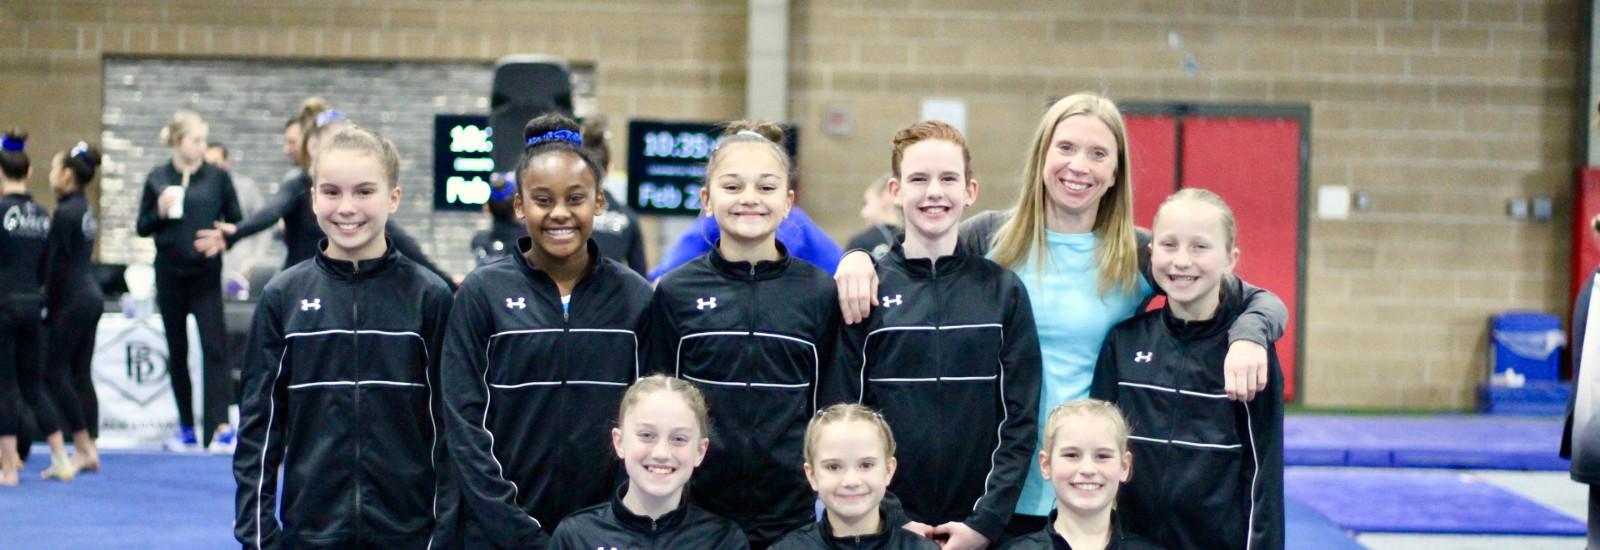 Women's J.O. Gymnastics Team